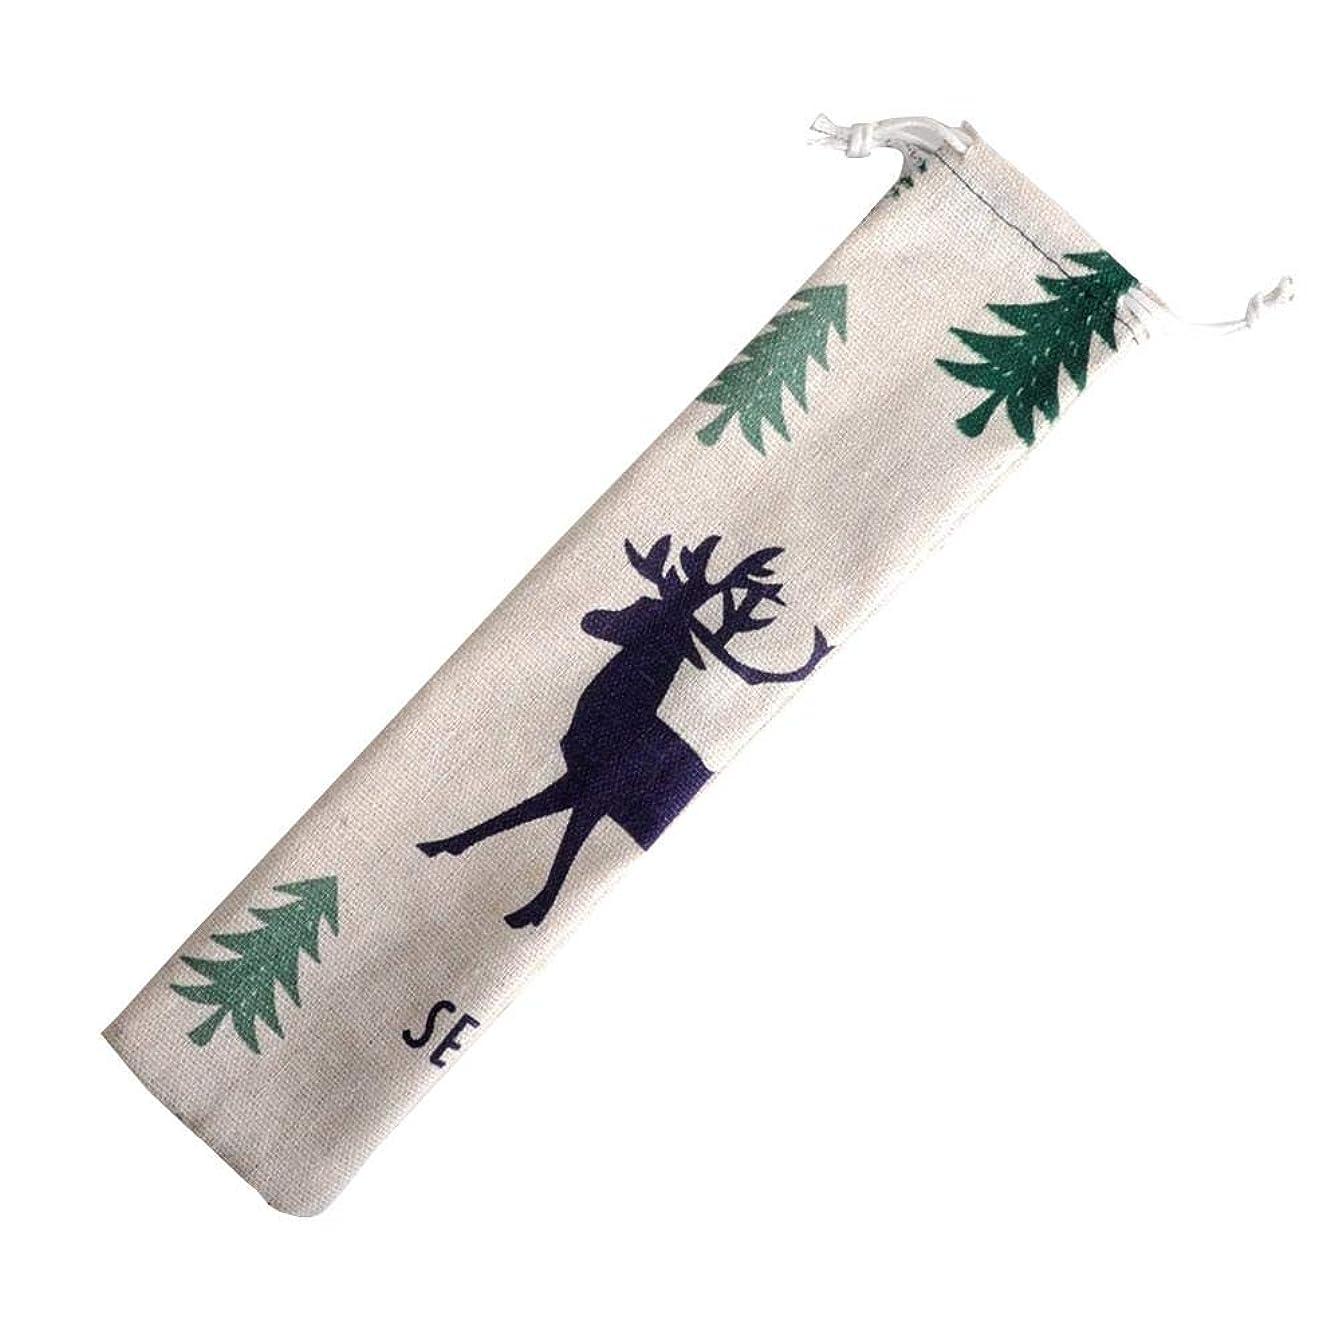 スポンジ回復するフロントFan(ファン) 和風カトラリーバッグ 巾着袋 香料袋 小物入れ ギフトバッグ キャンディポーチ アクセサリーポーチ